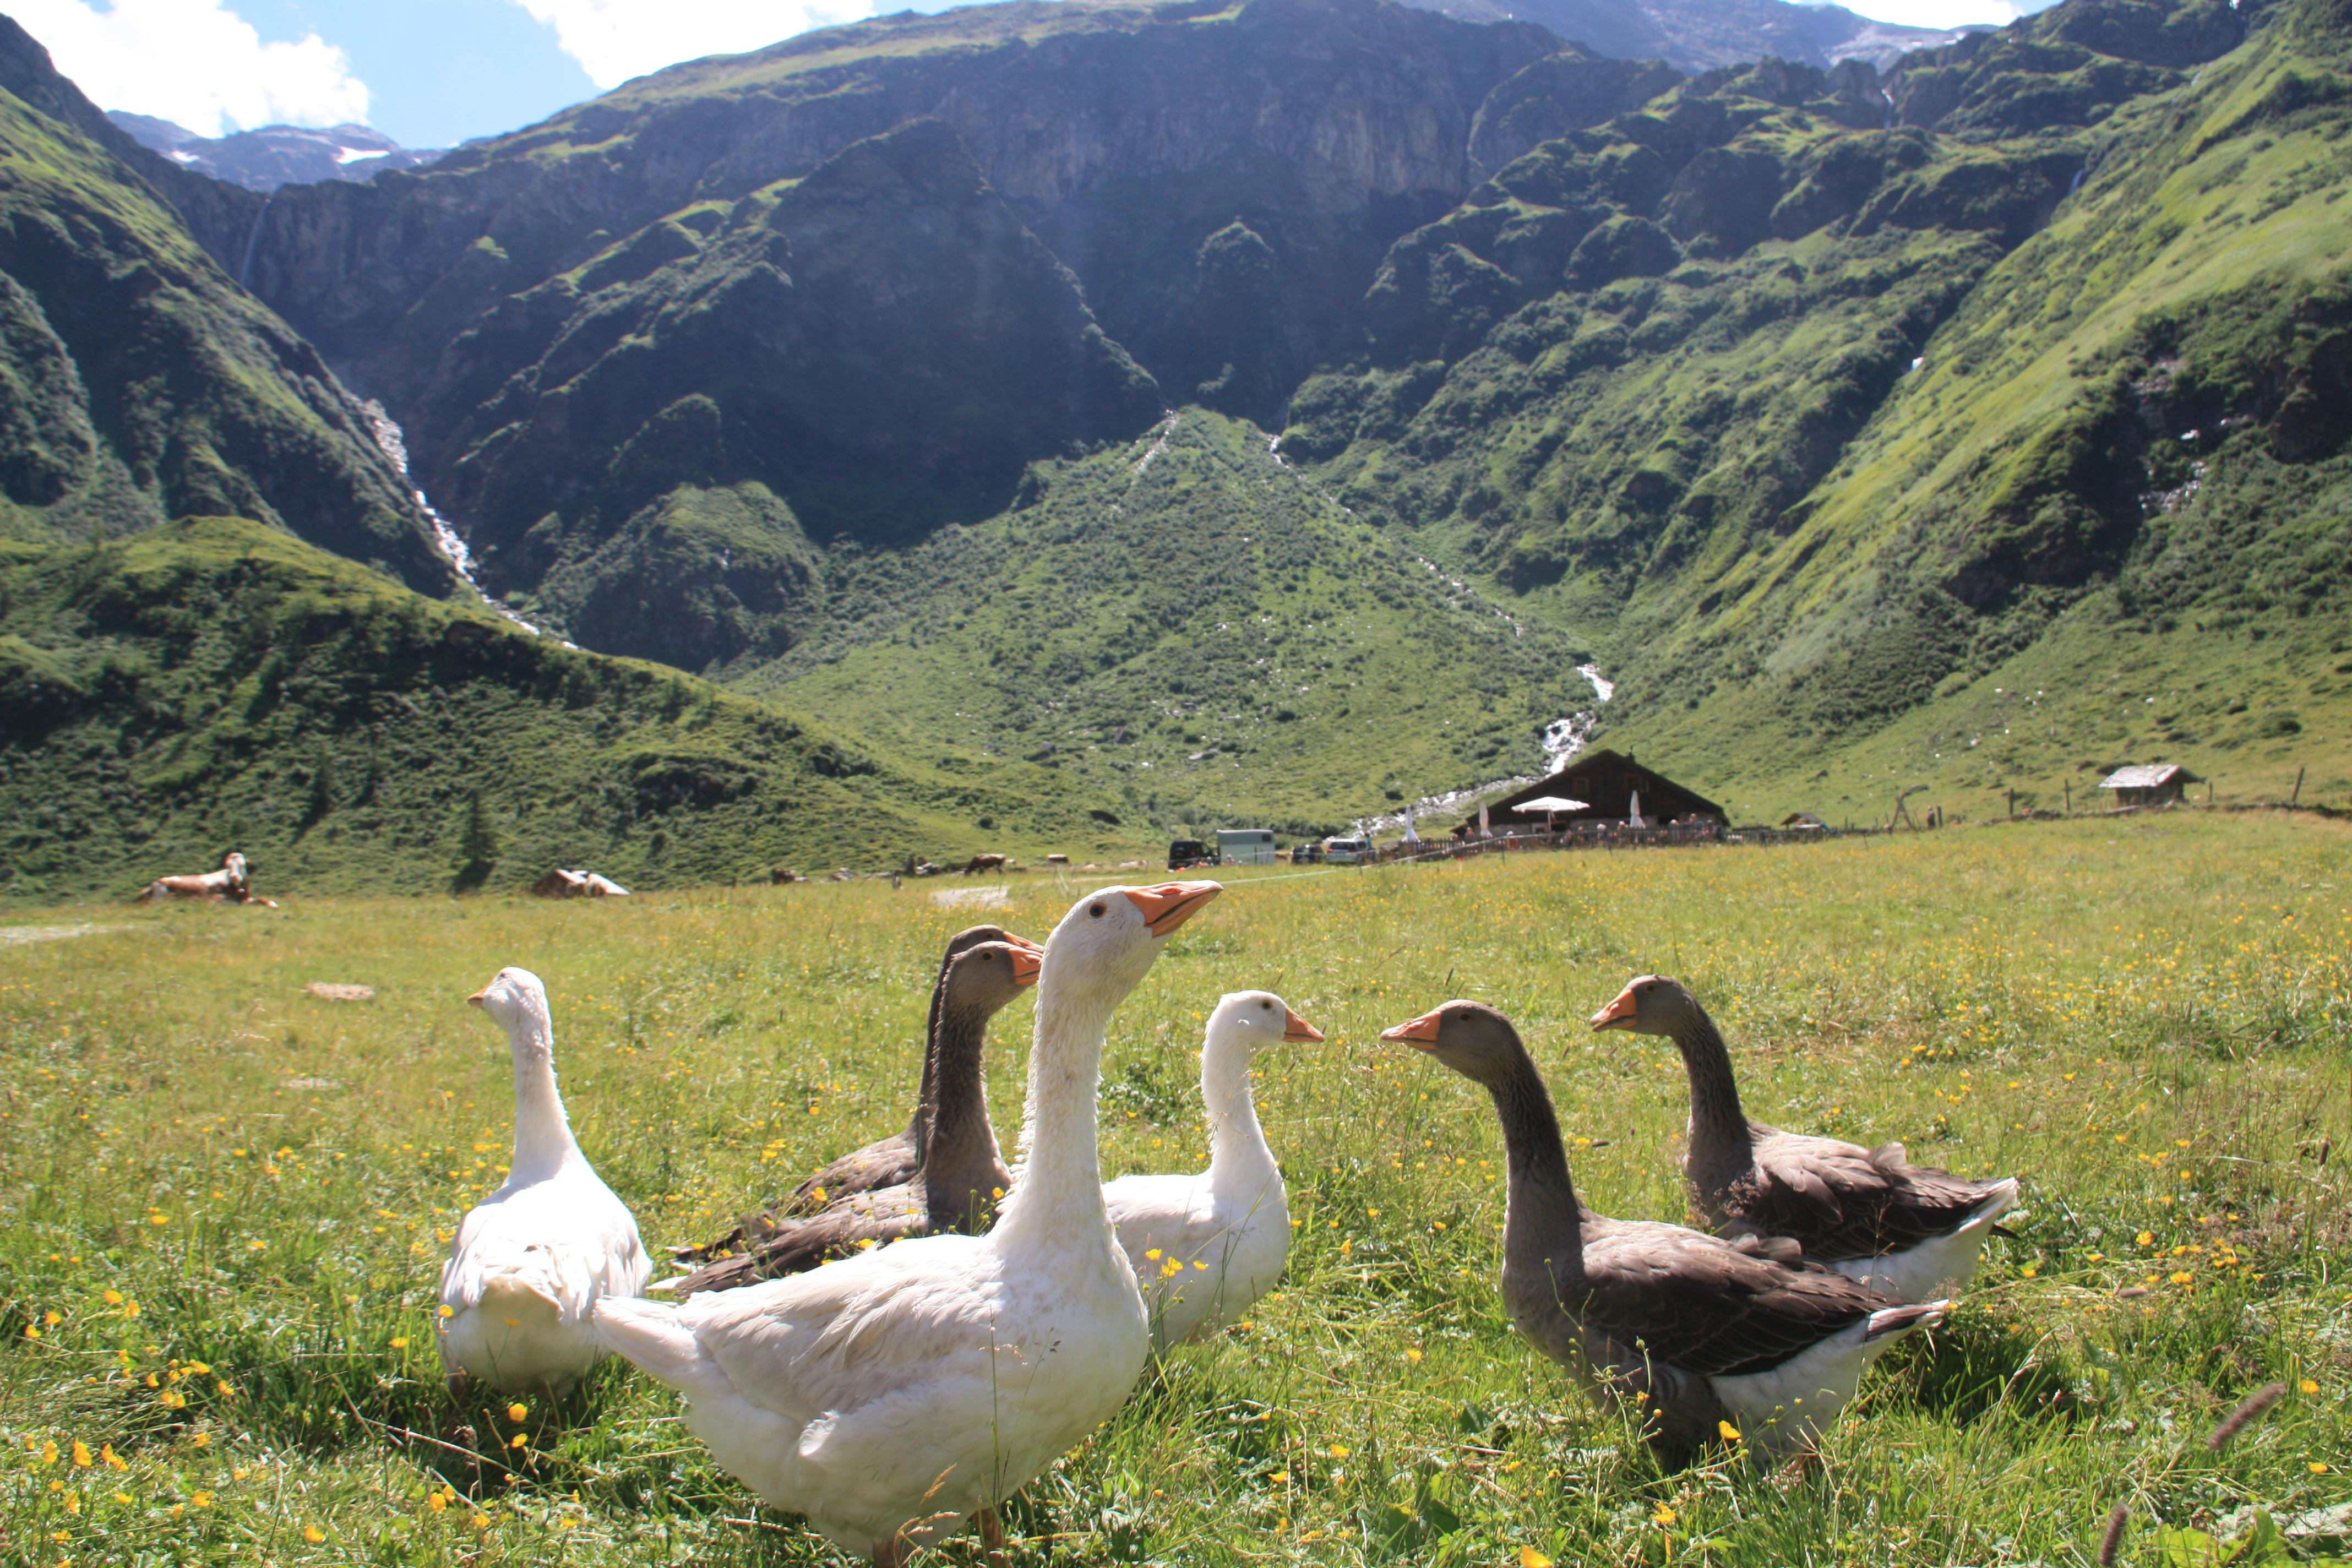 © SalzburgerLand Tourismus, Martina Egger, Die Gänse begrüßen schnatternd die Wanderer auf der Veitbauernalm